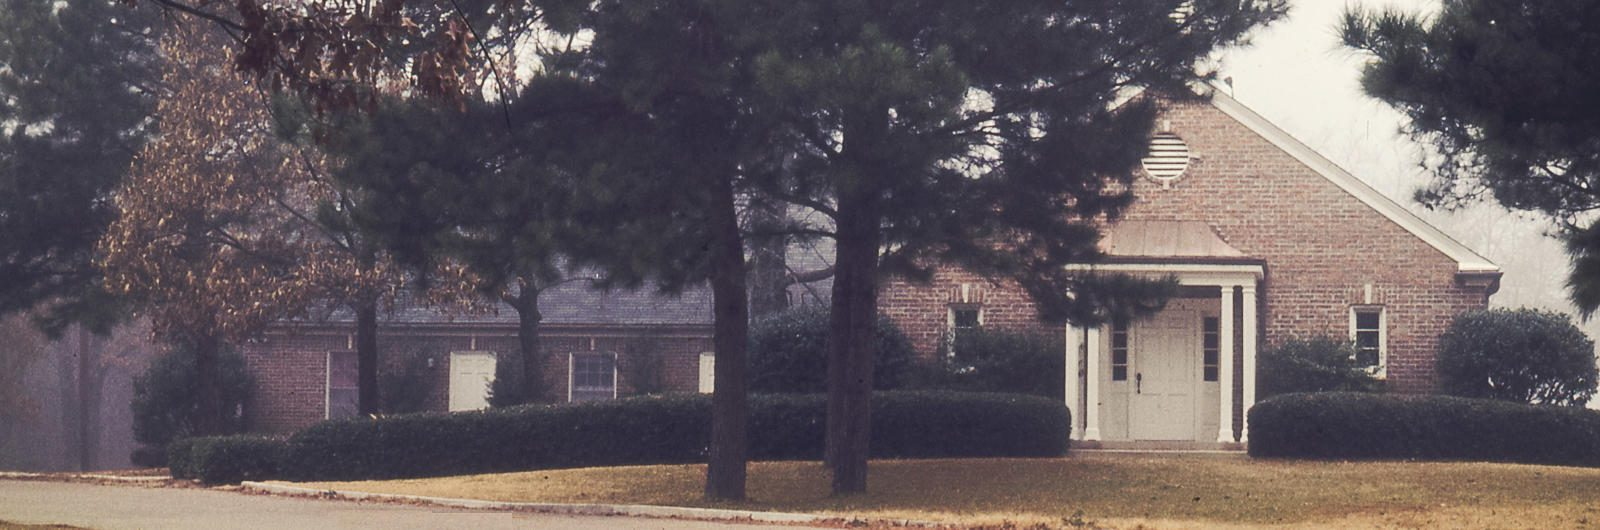 Original Old Jacksonville Campus